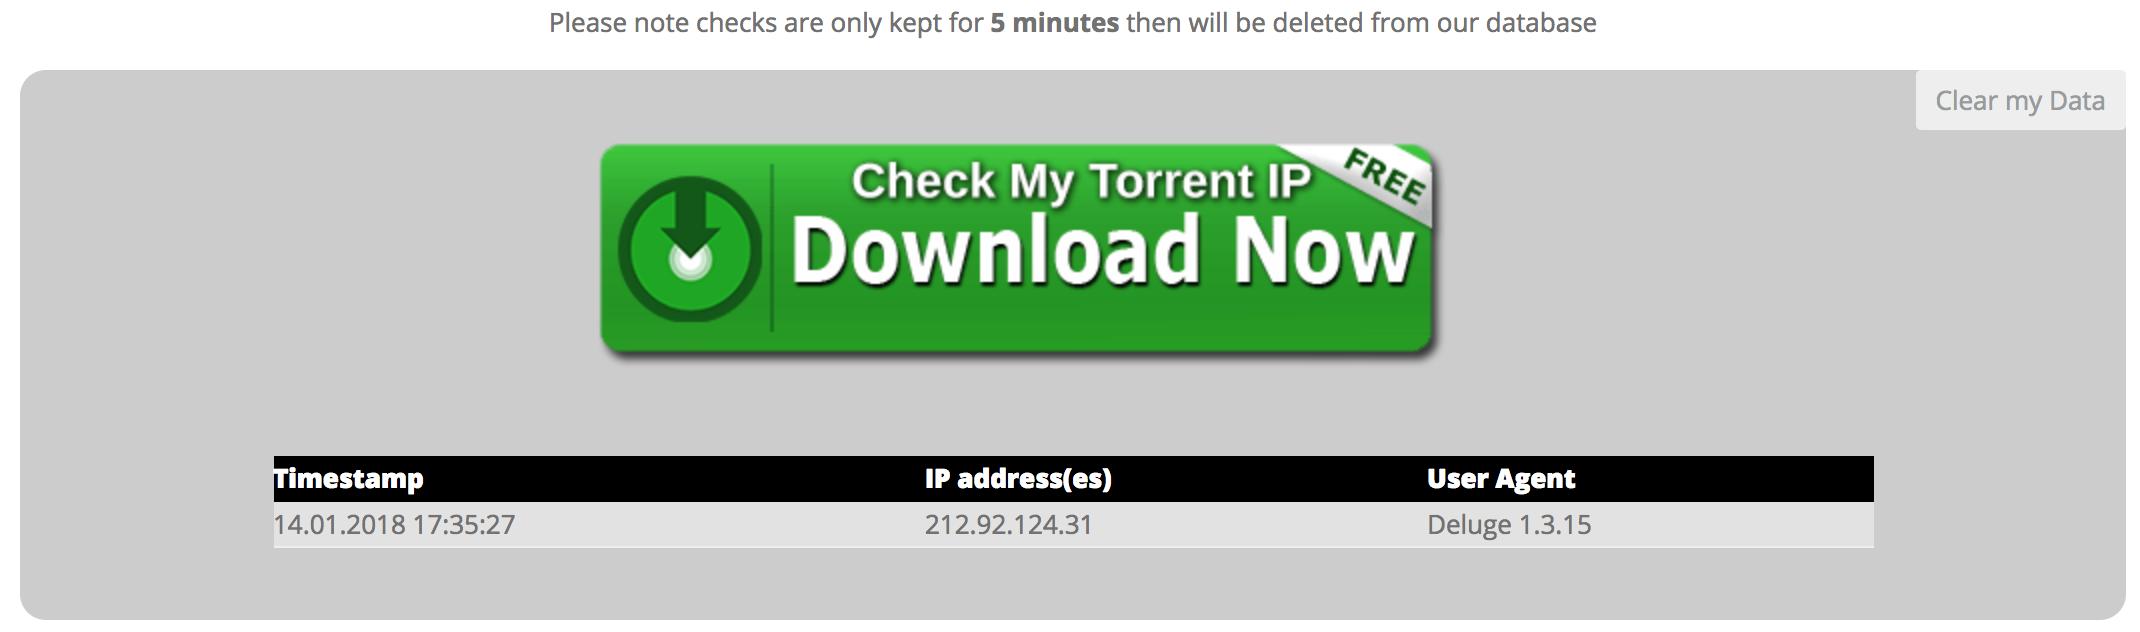 Torrent guard